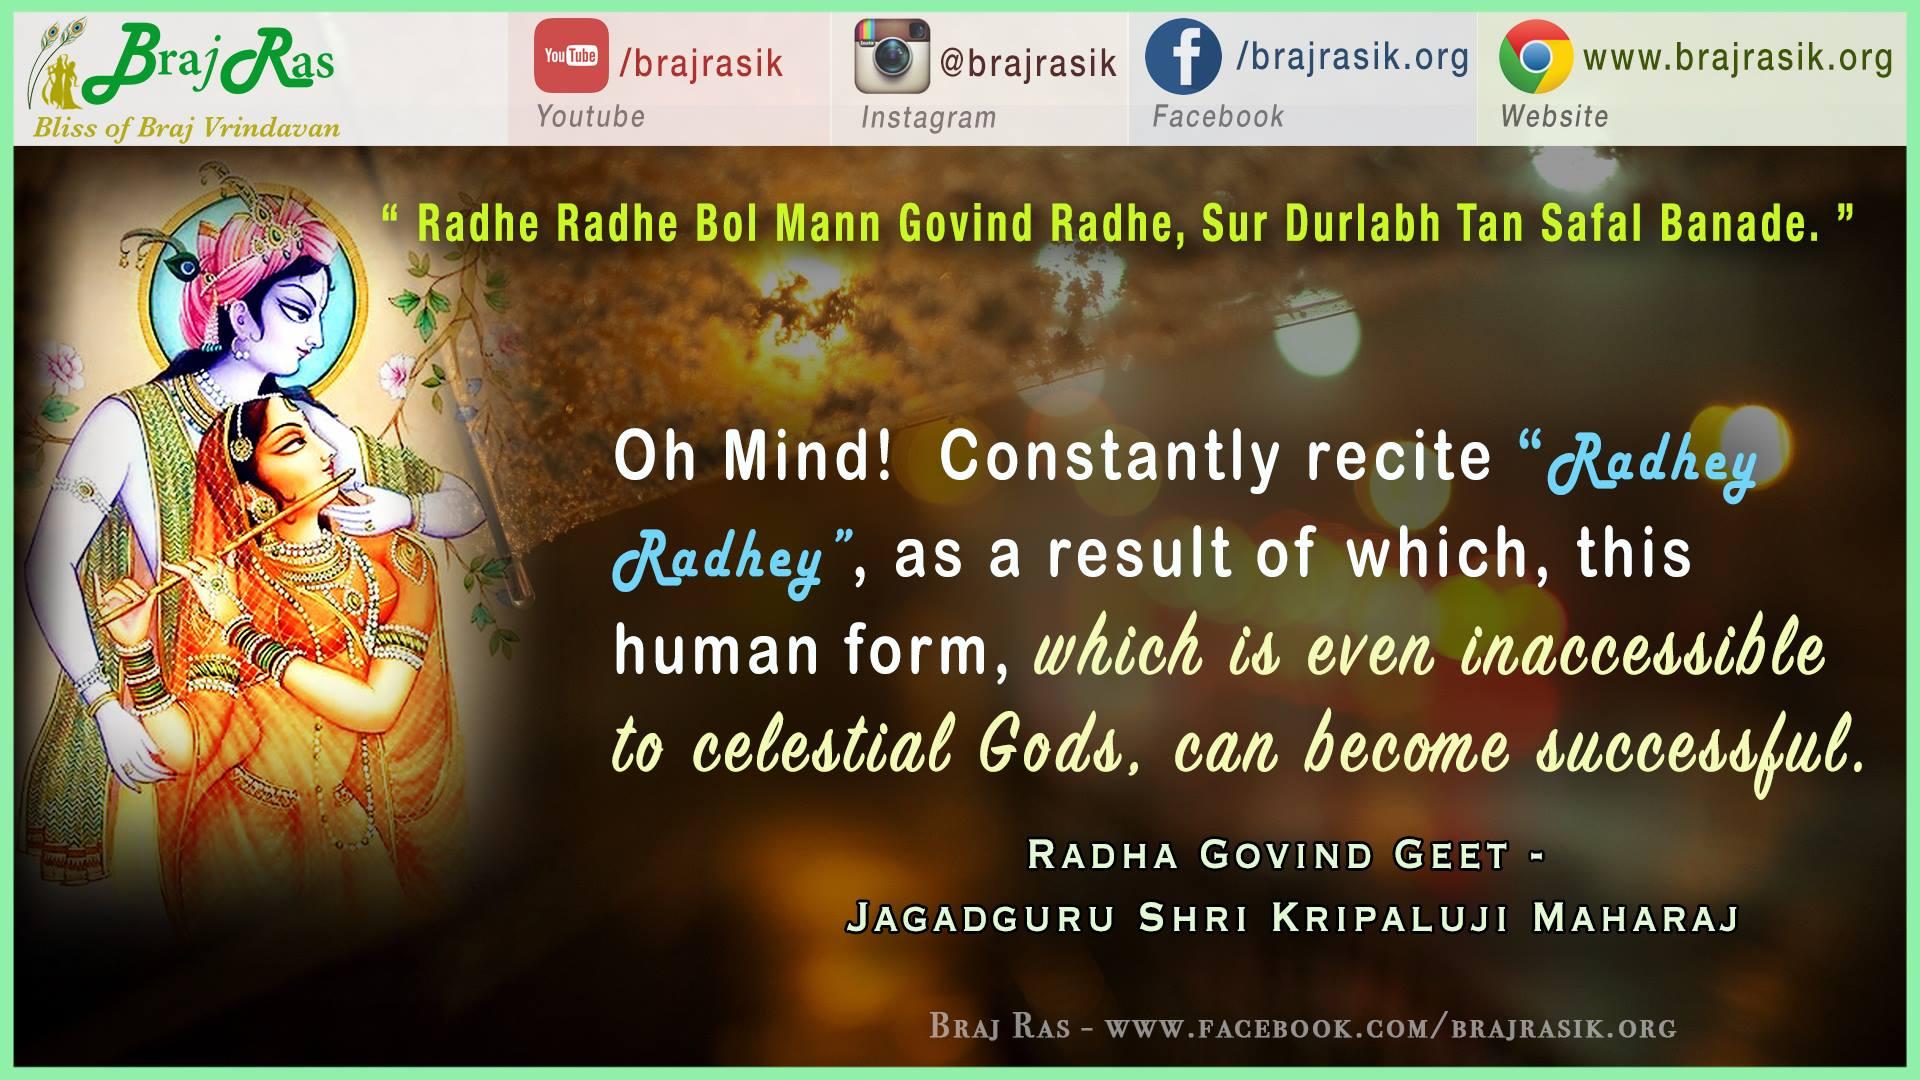 Radhe Radhe Bol Mann Govind Radhe, Sur Durlabh Tan Safal Banade - Radha Govind Geet , Jagadguru Shri Kripaluji Maharaj